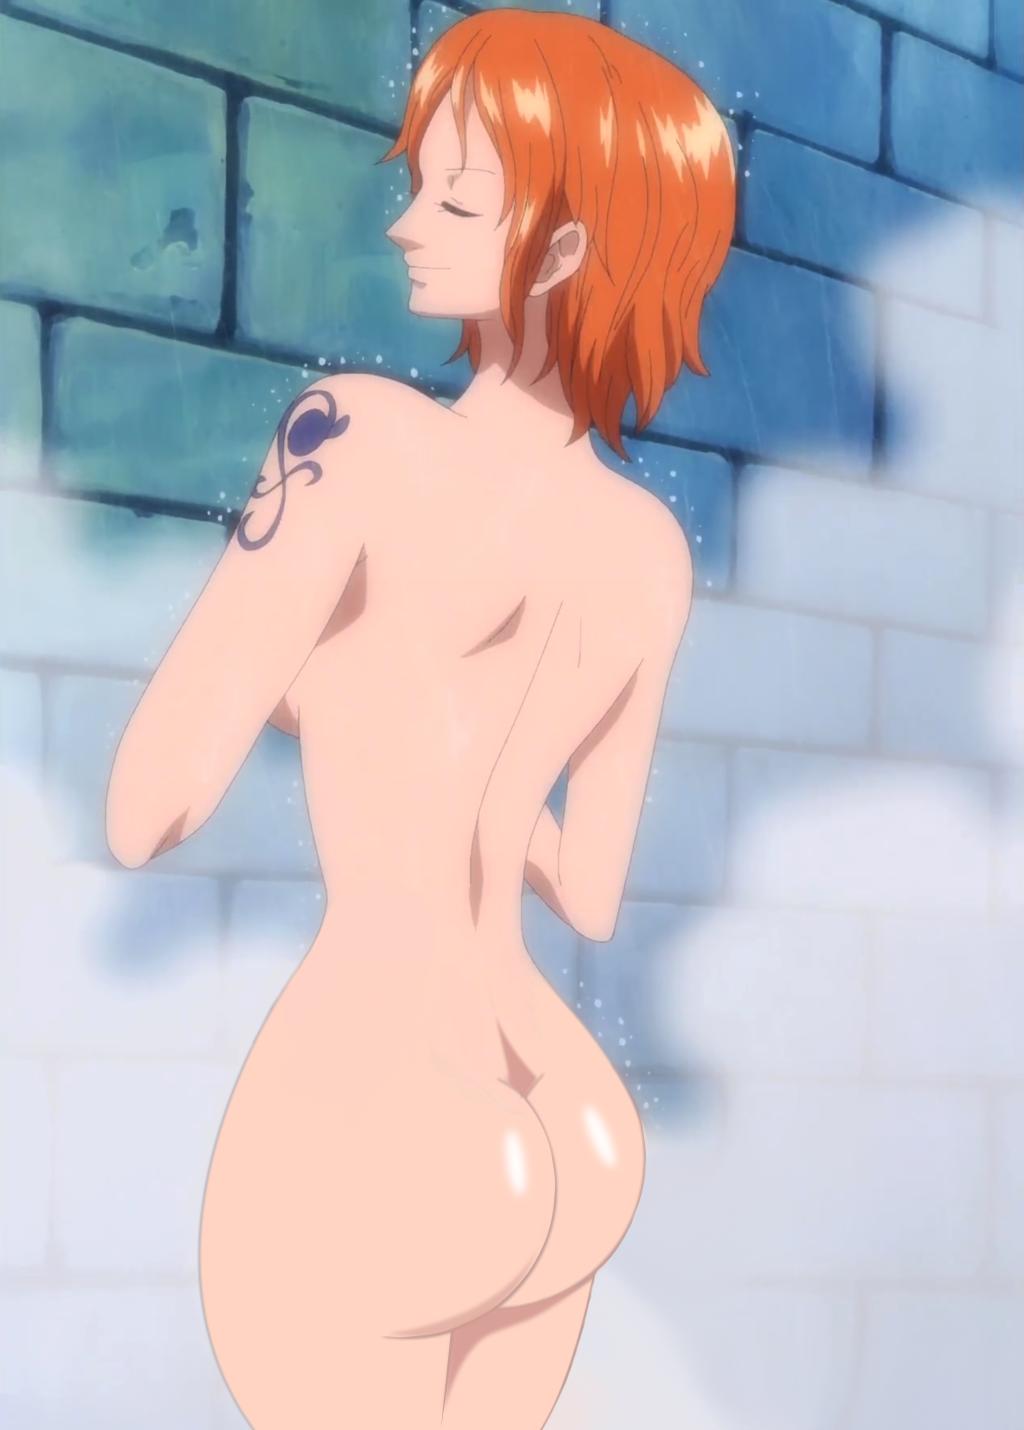 Naked Hentai Girls Pics